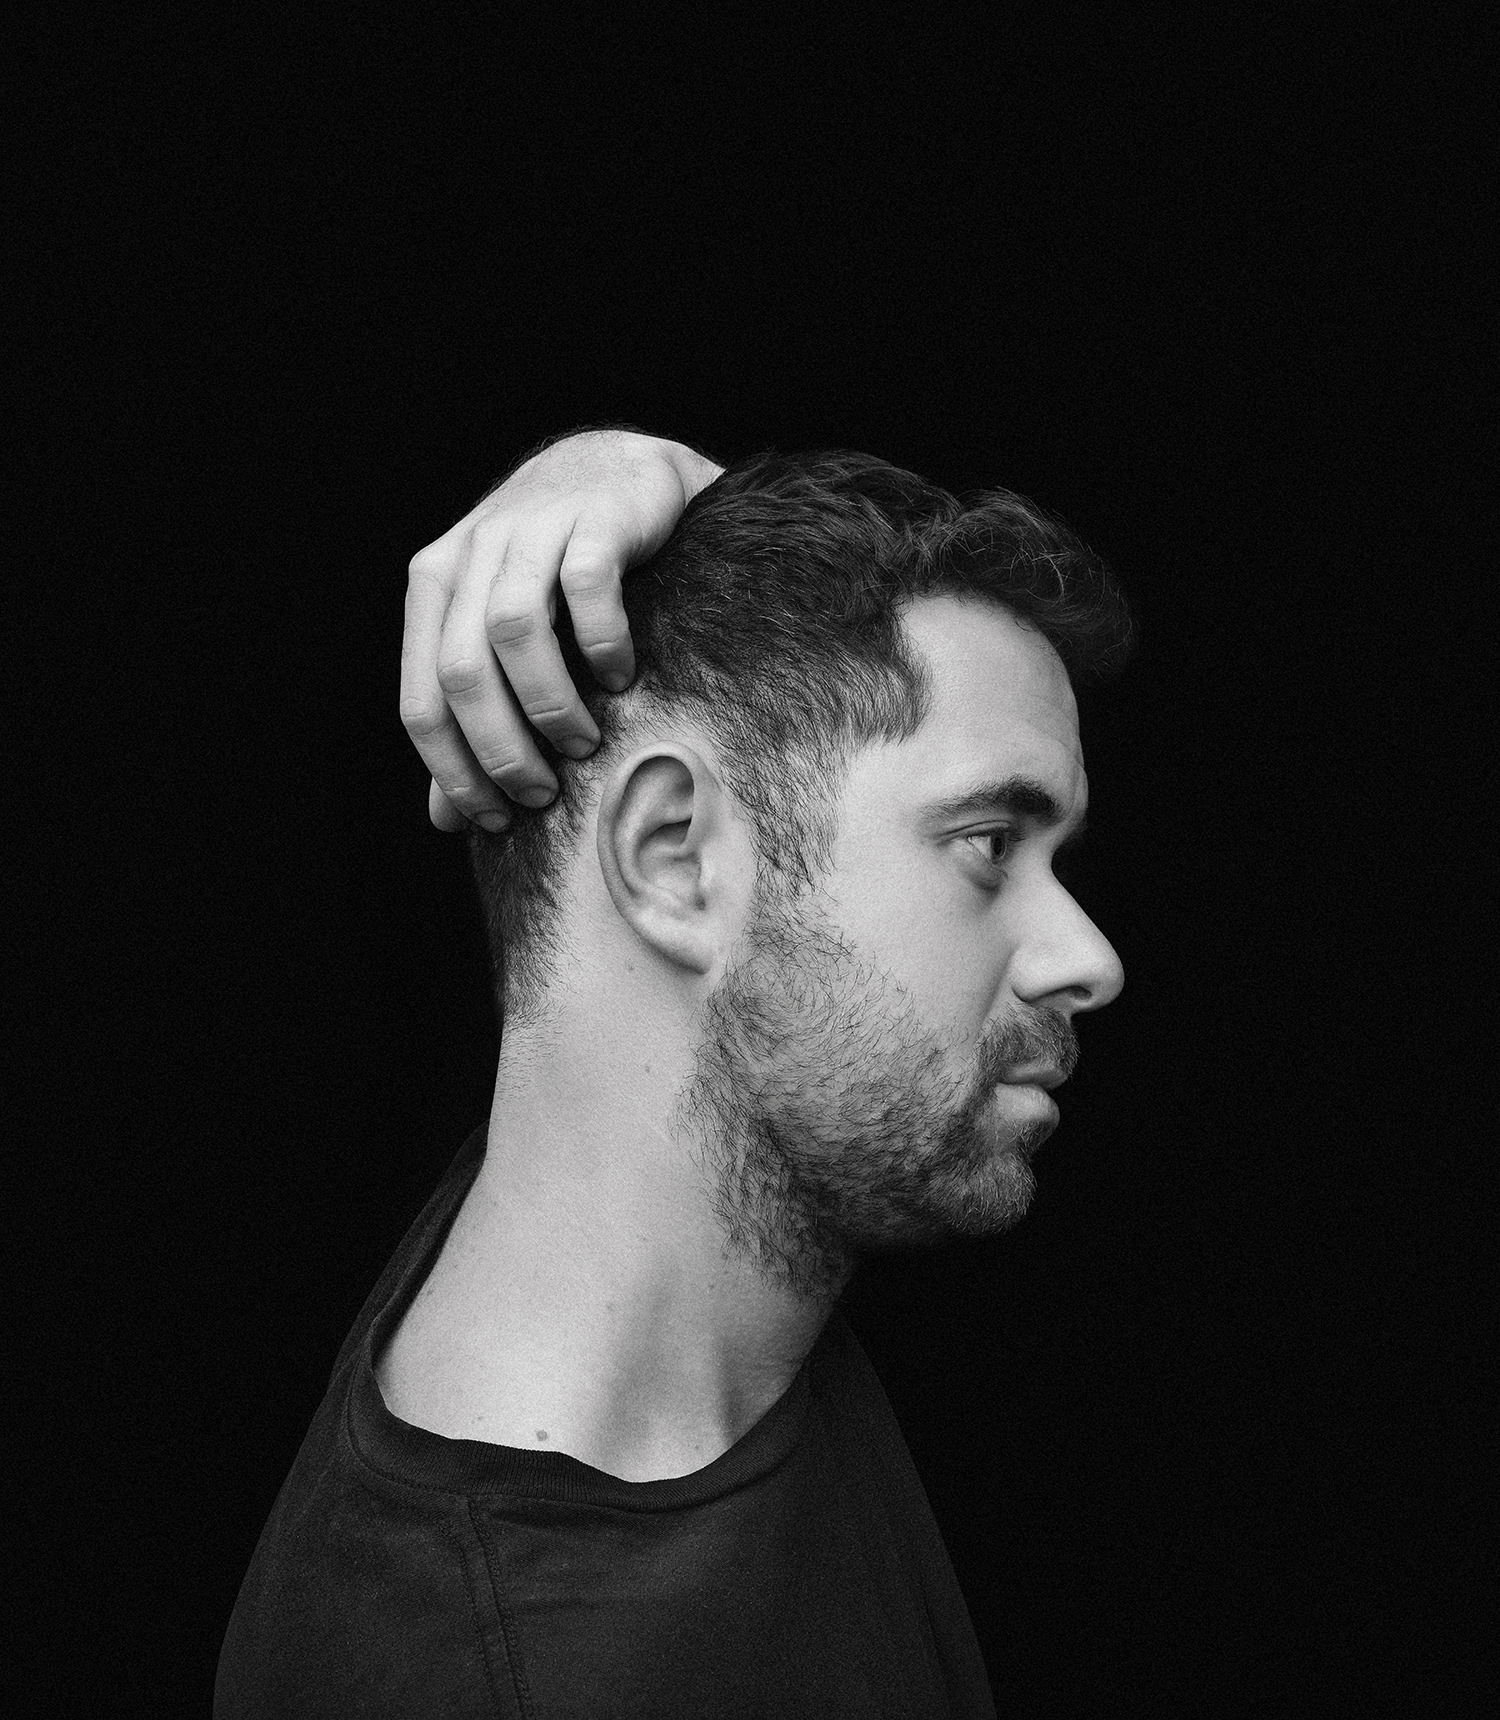 interview-rencontre-jean-michel-blais-compositeur-musique-matthias-et-maxime-film-xavier-dolan